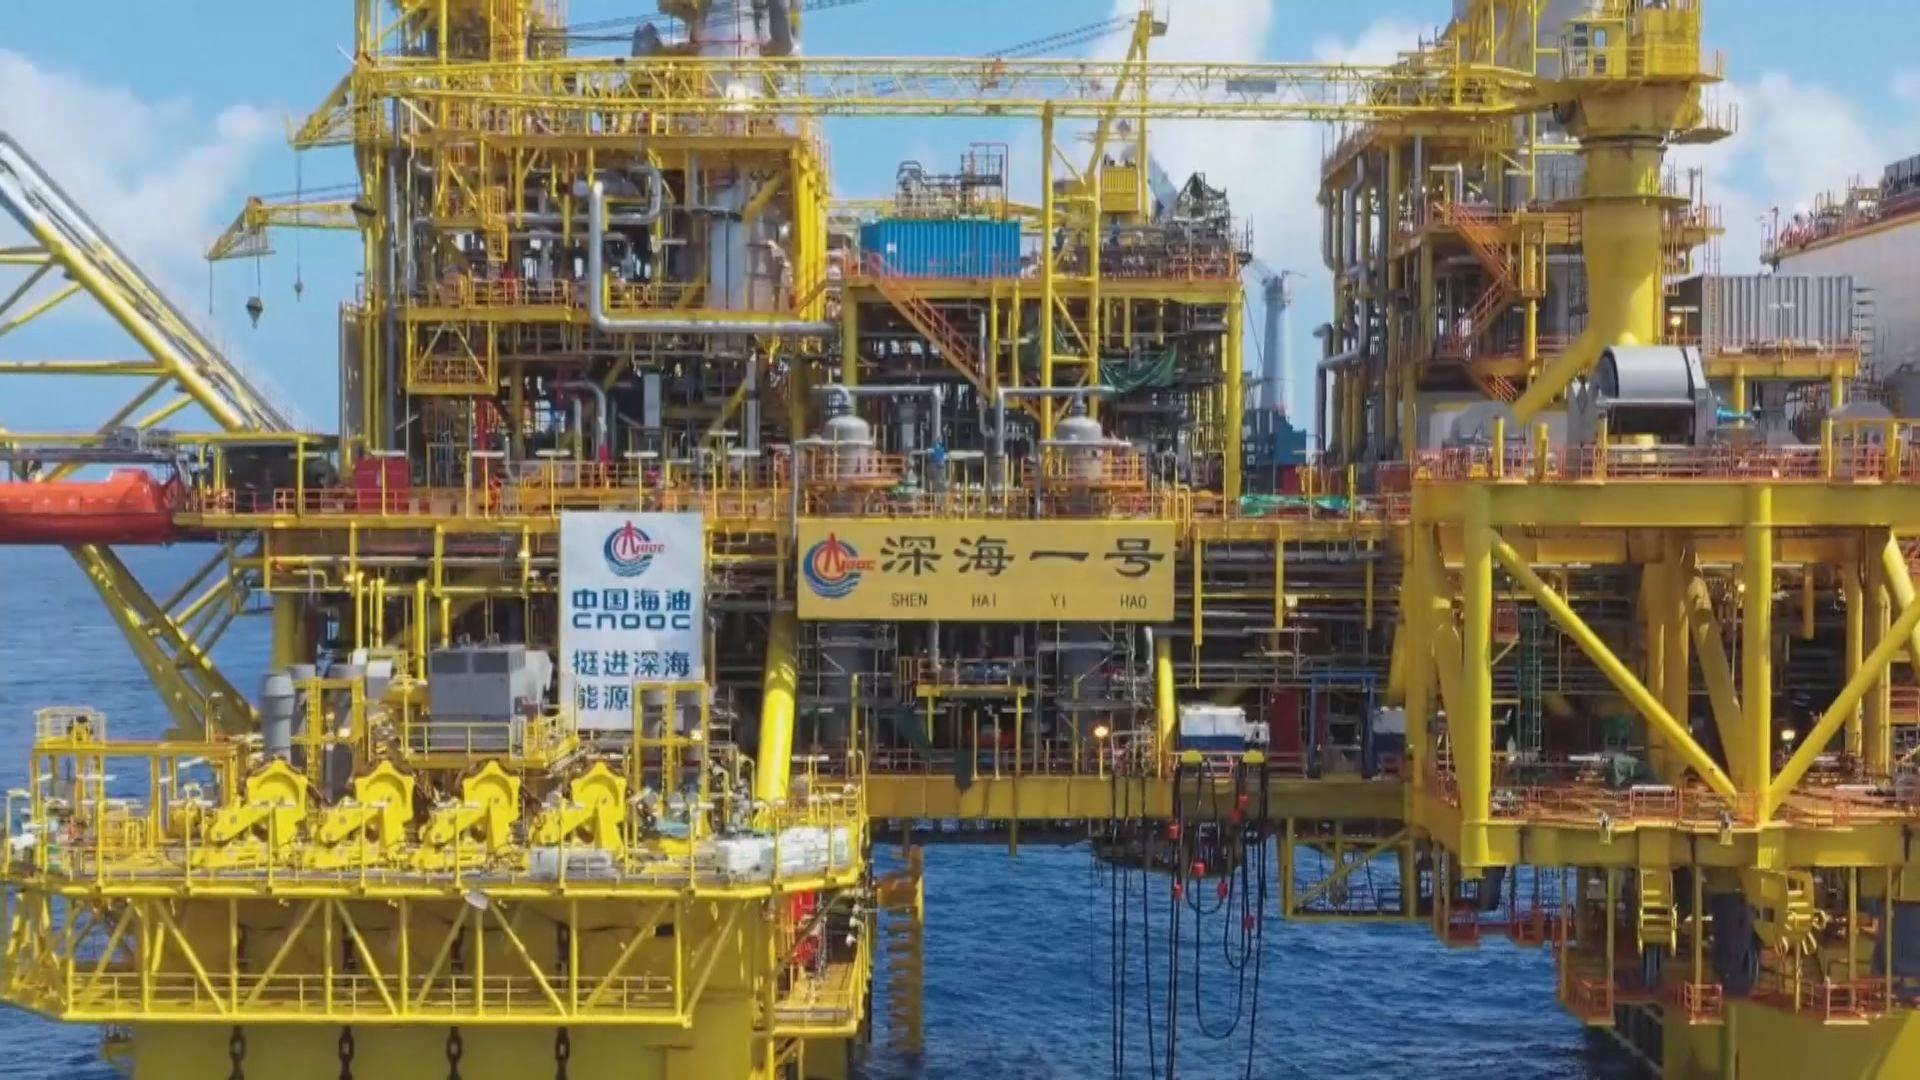 中國首個自主研發深海天然氣田深海一號正式投產